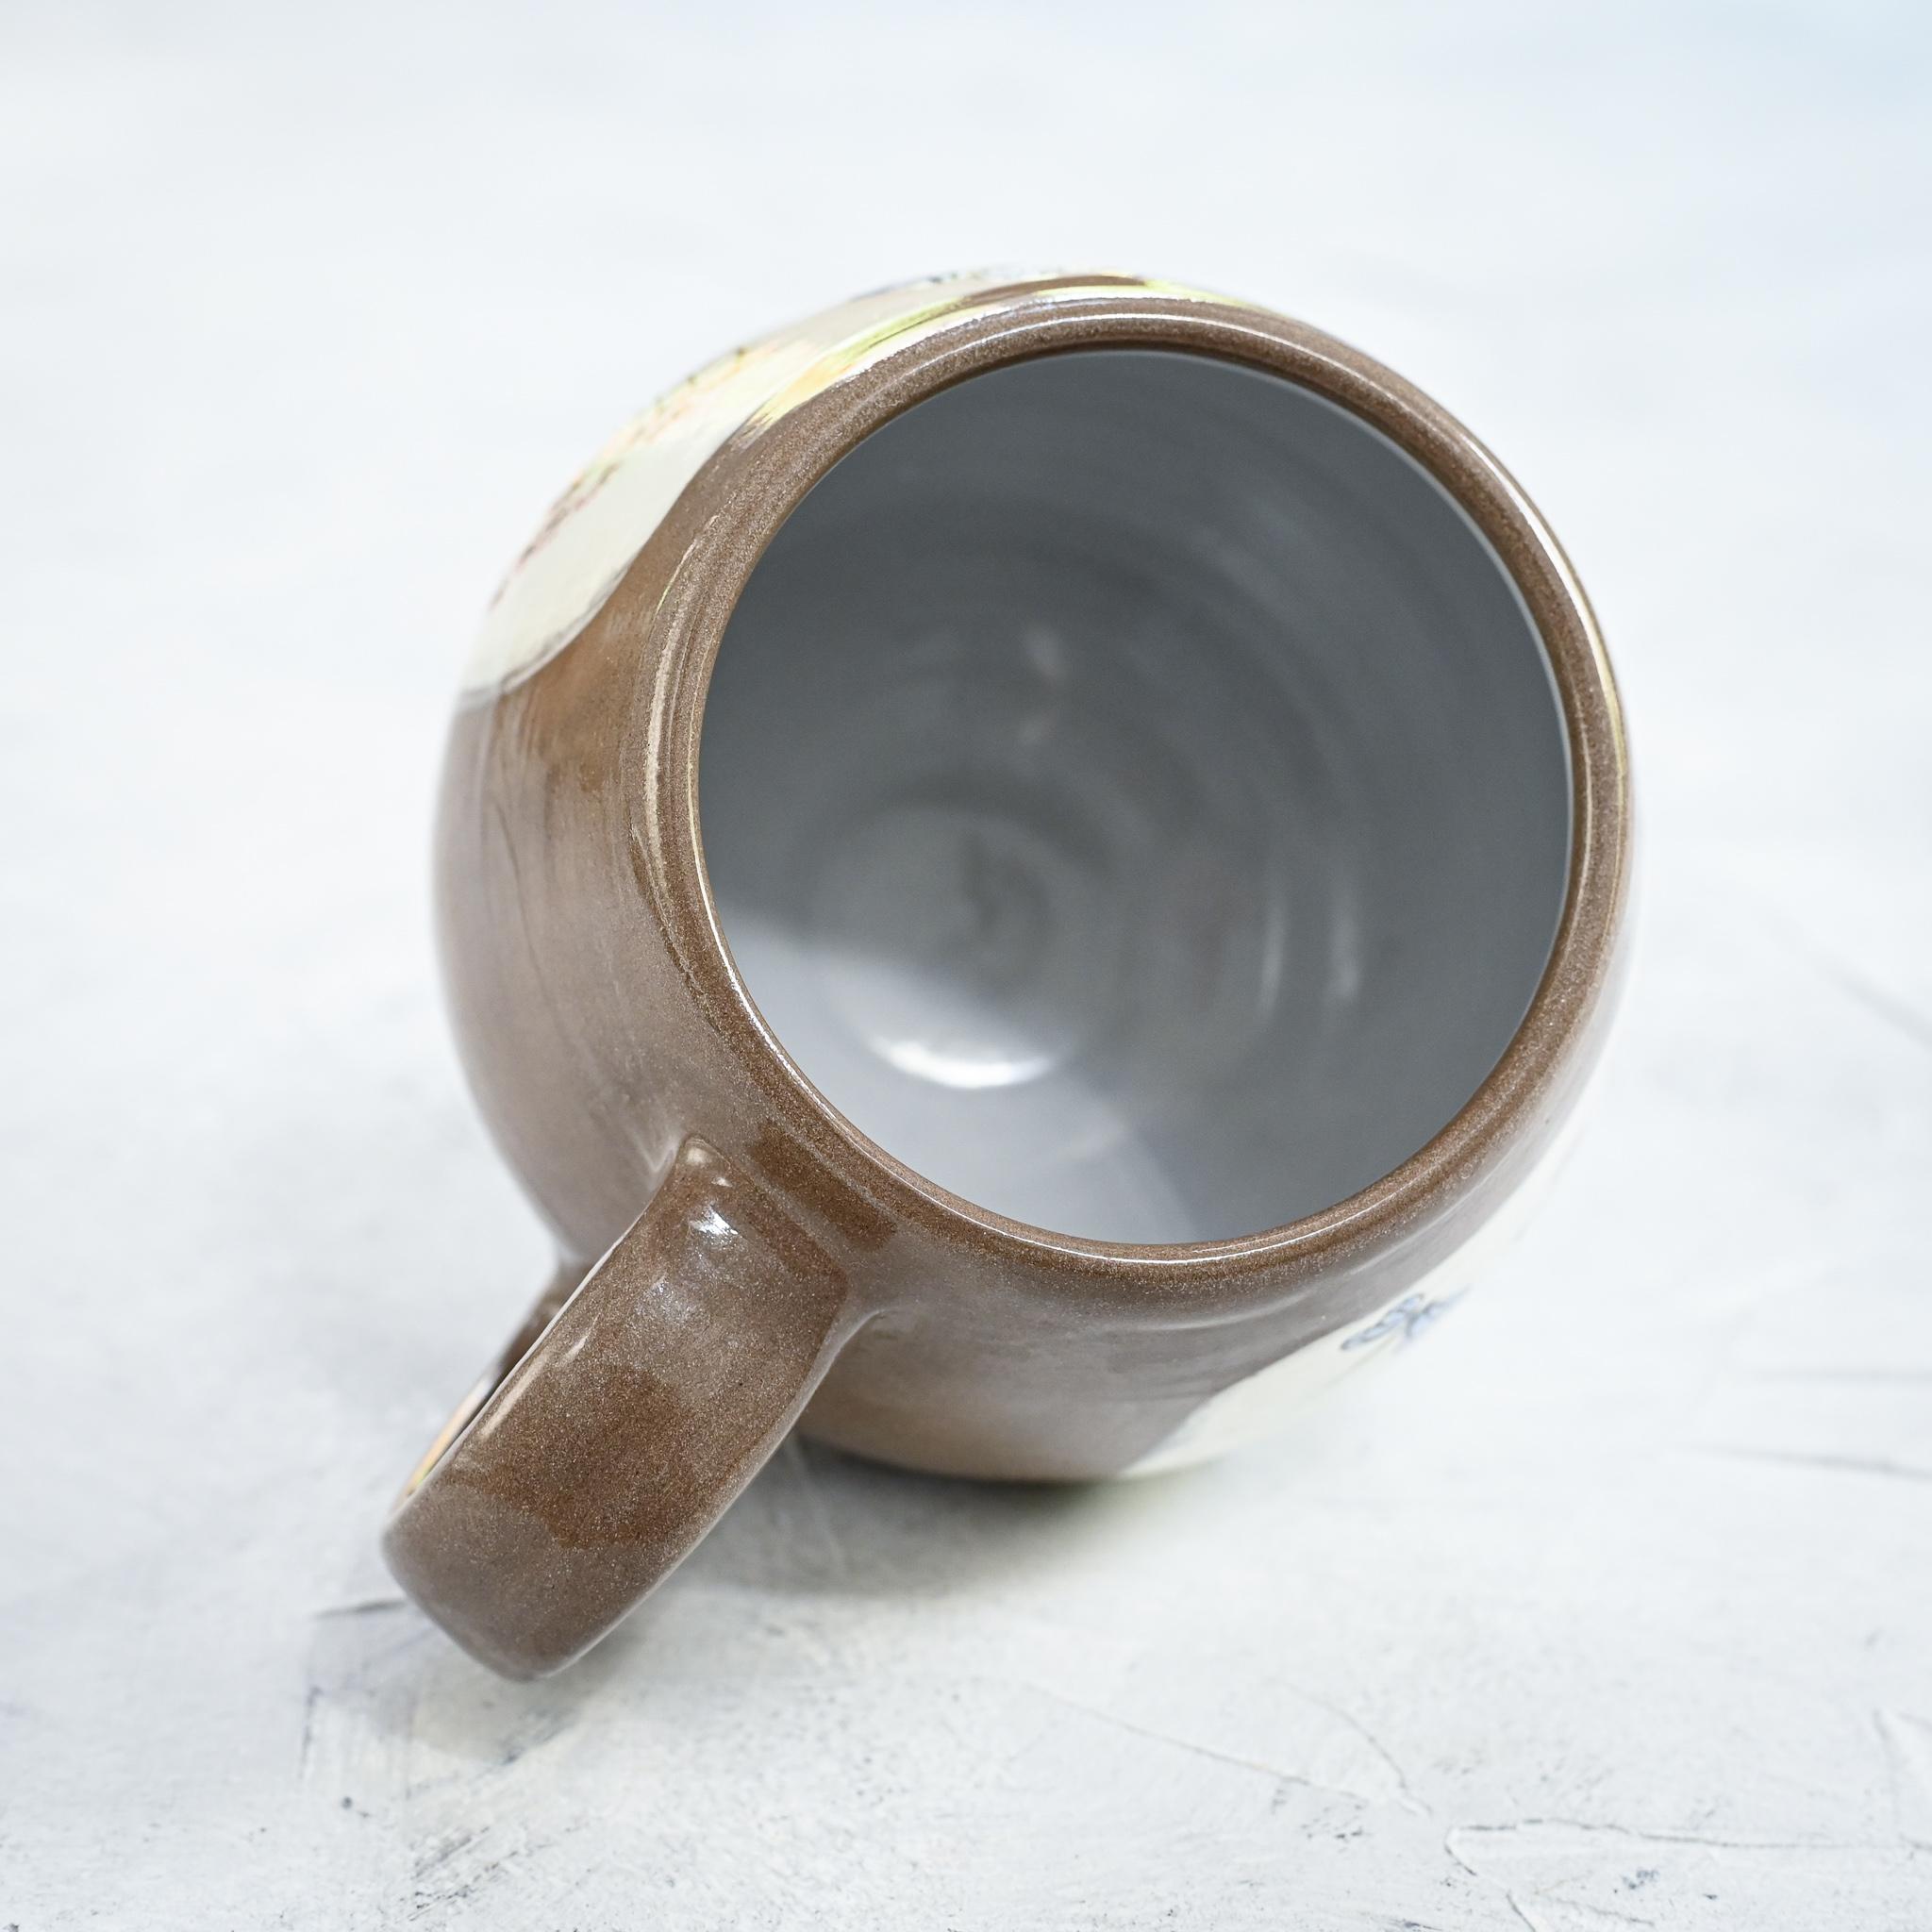 """картинка Керамическая чашка """"Летняя"""" 6 - DishWishes.Ru"""